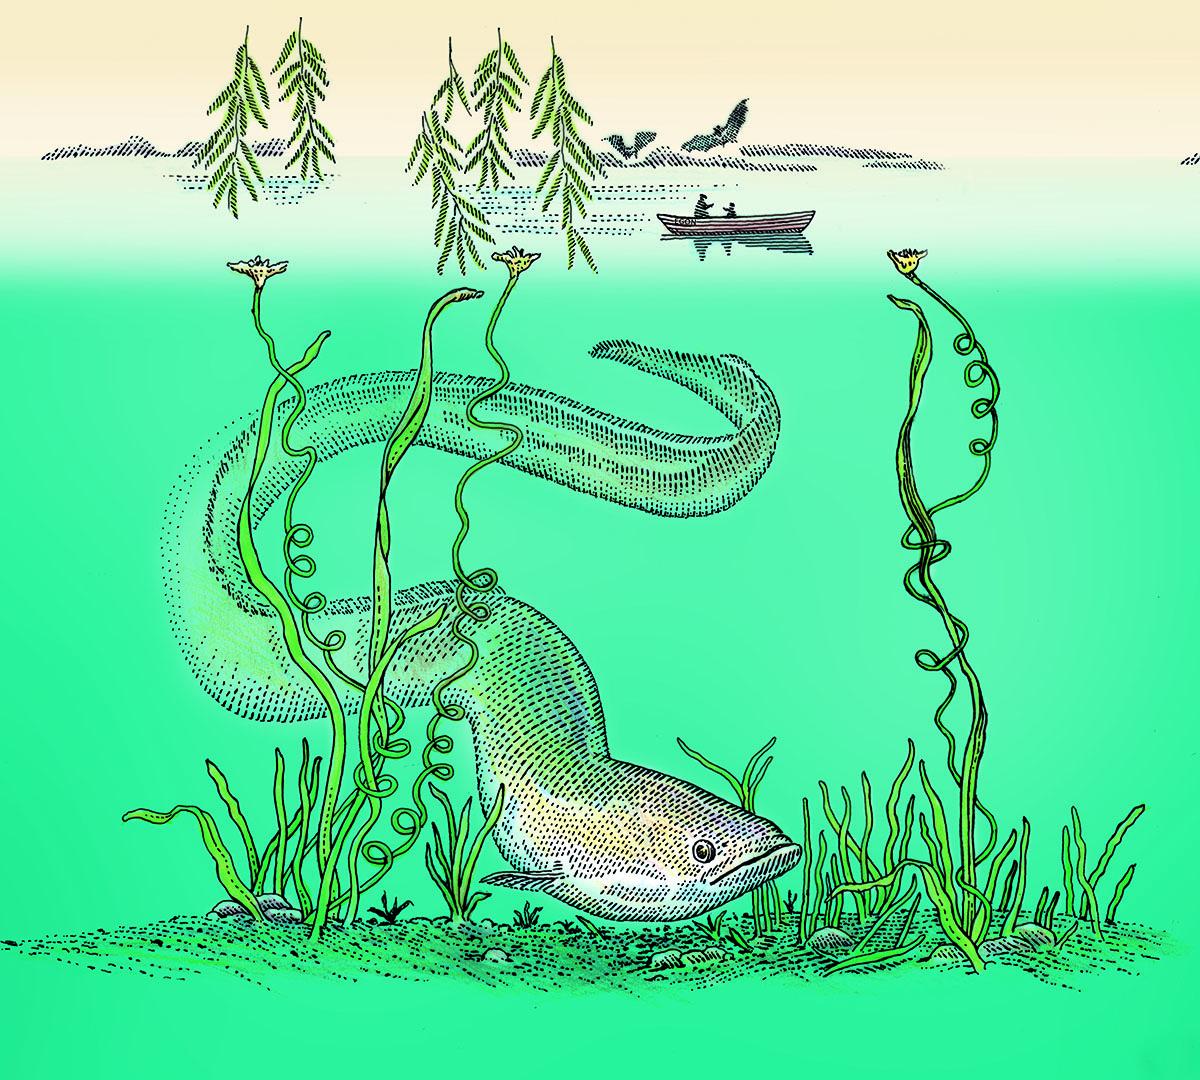 En illustrerad ål slingrar sig bland sjögräset i turkost vatten.